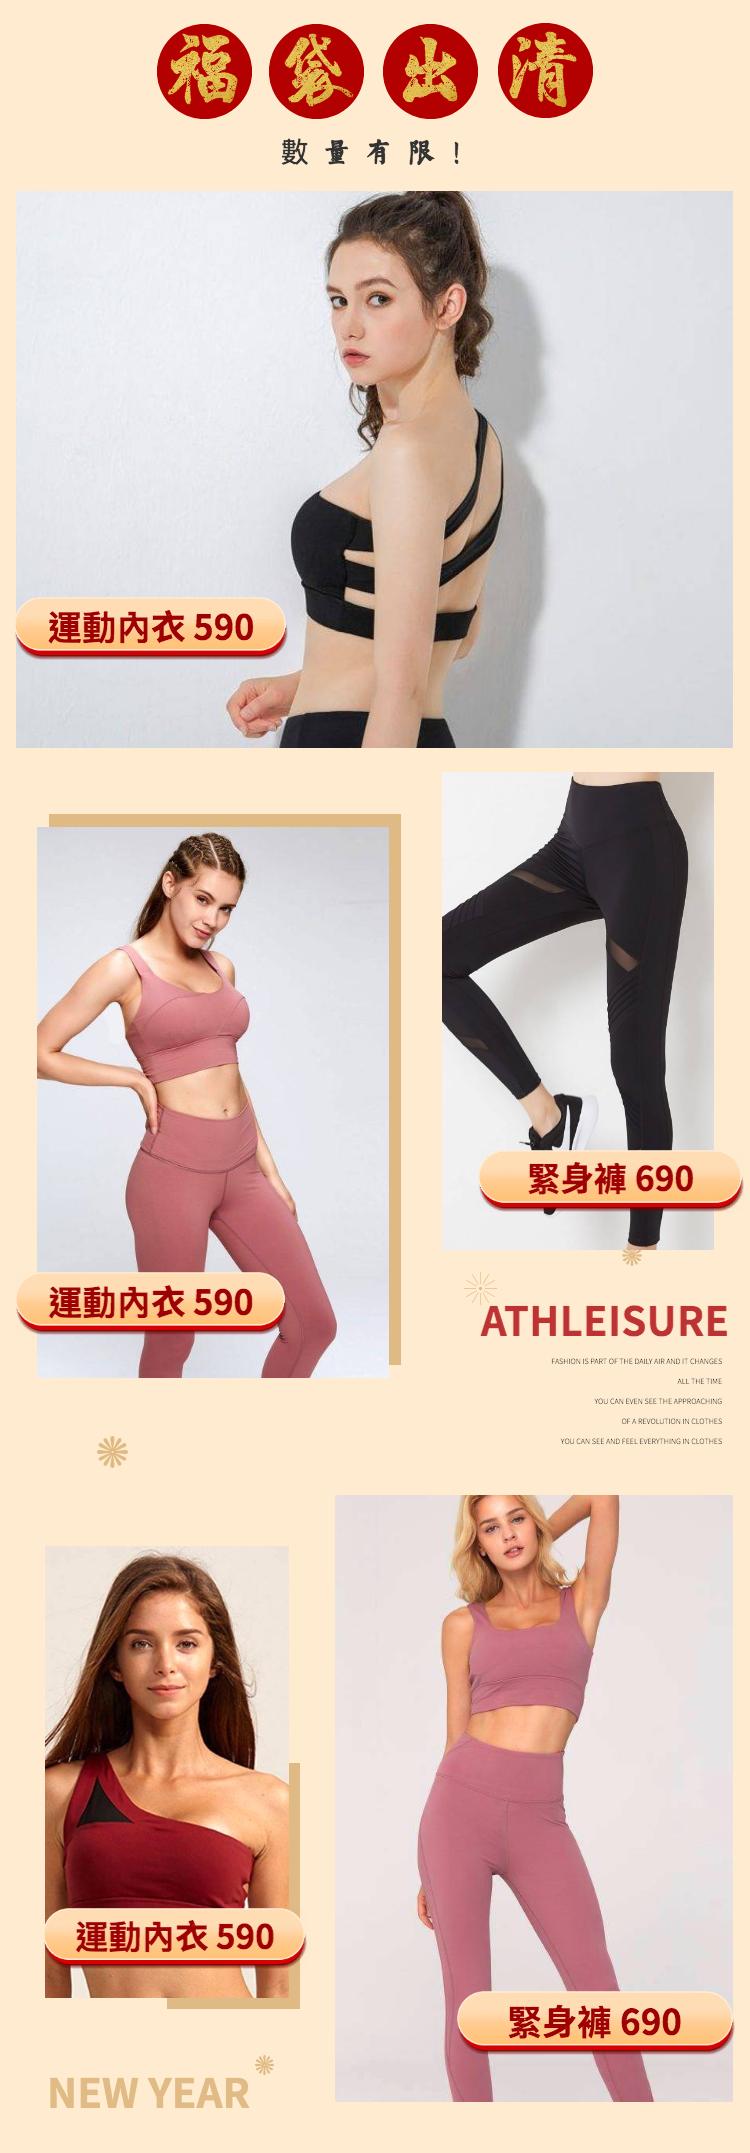 年货节-春节-新年-2020-官方活动-服装-女装-店铺首页-3